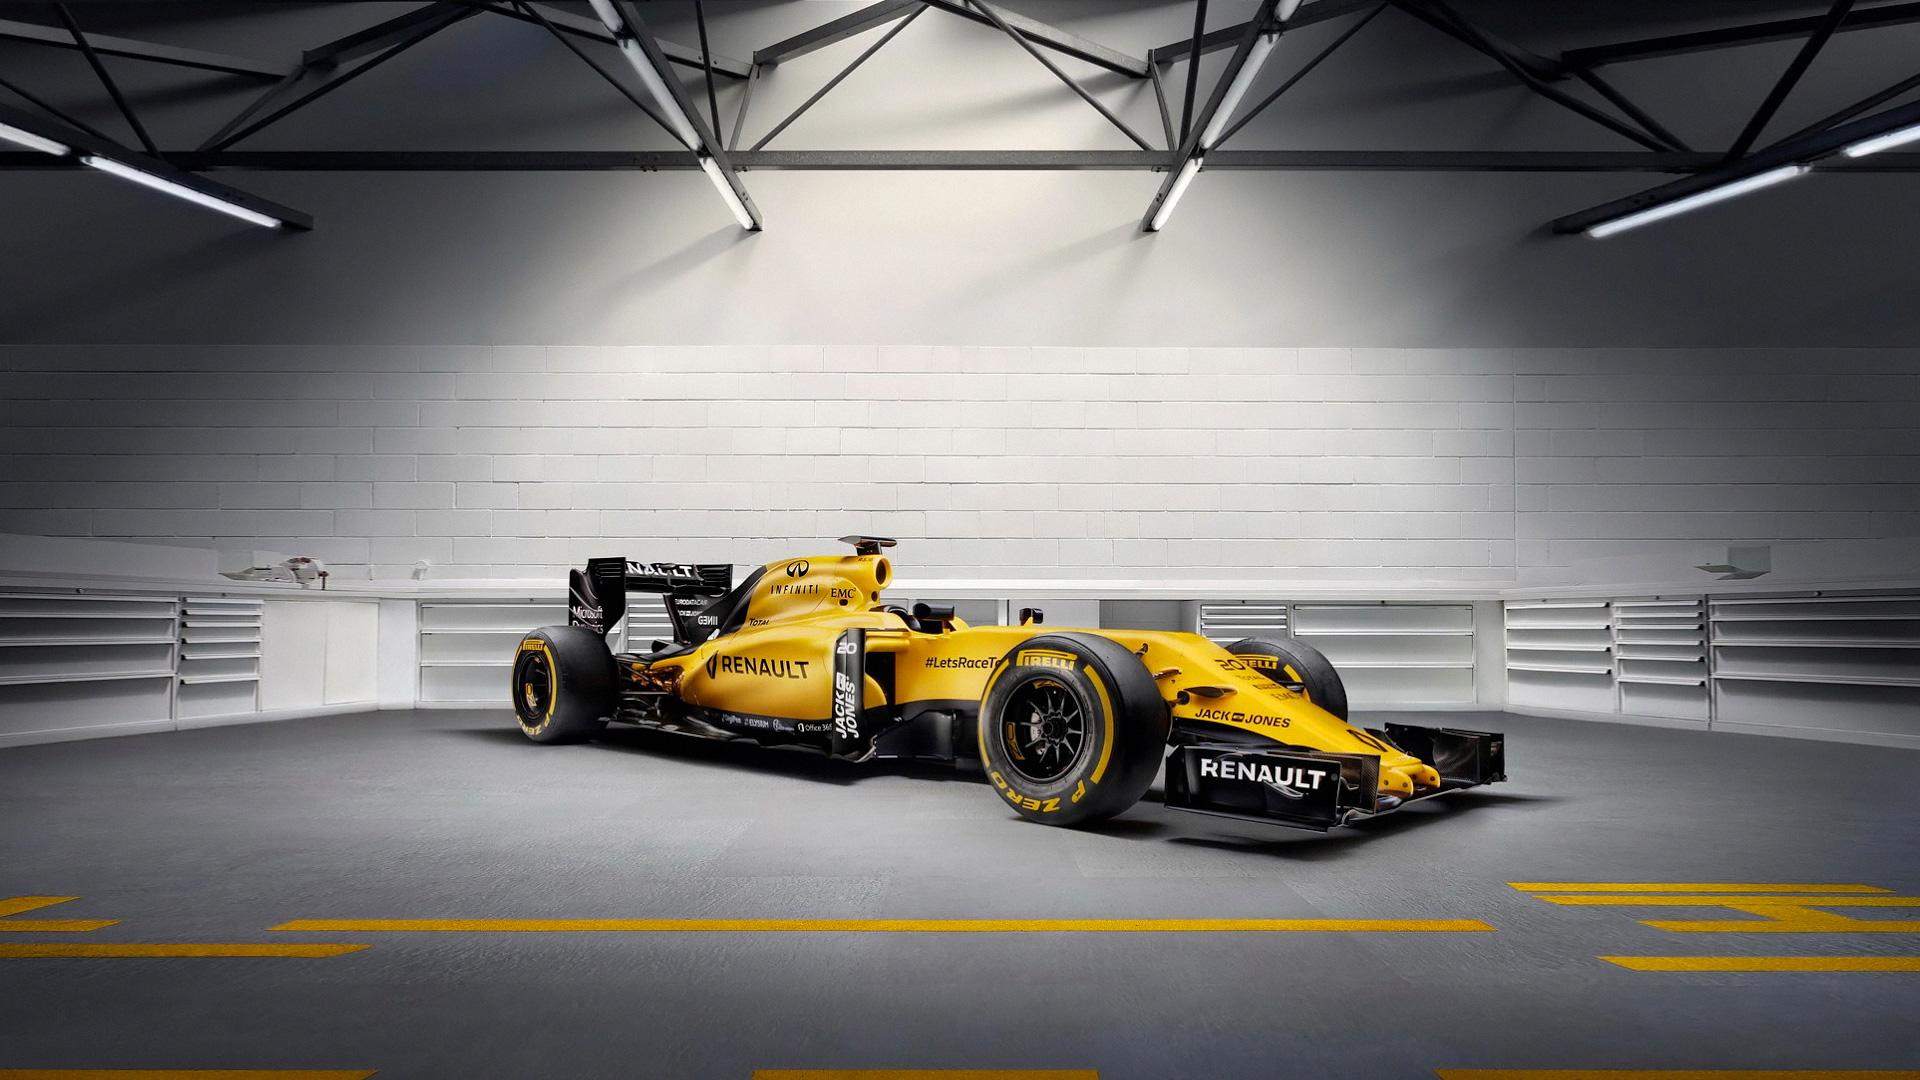 Главные вопросы о новом сезоне Формулы-1. Фото 3